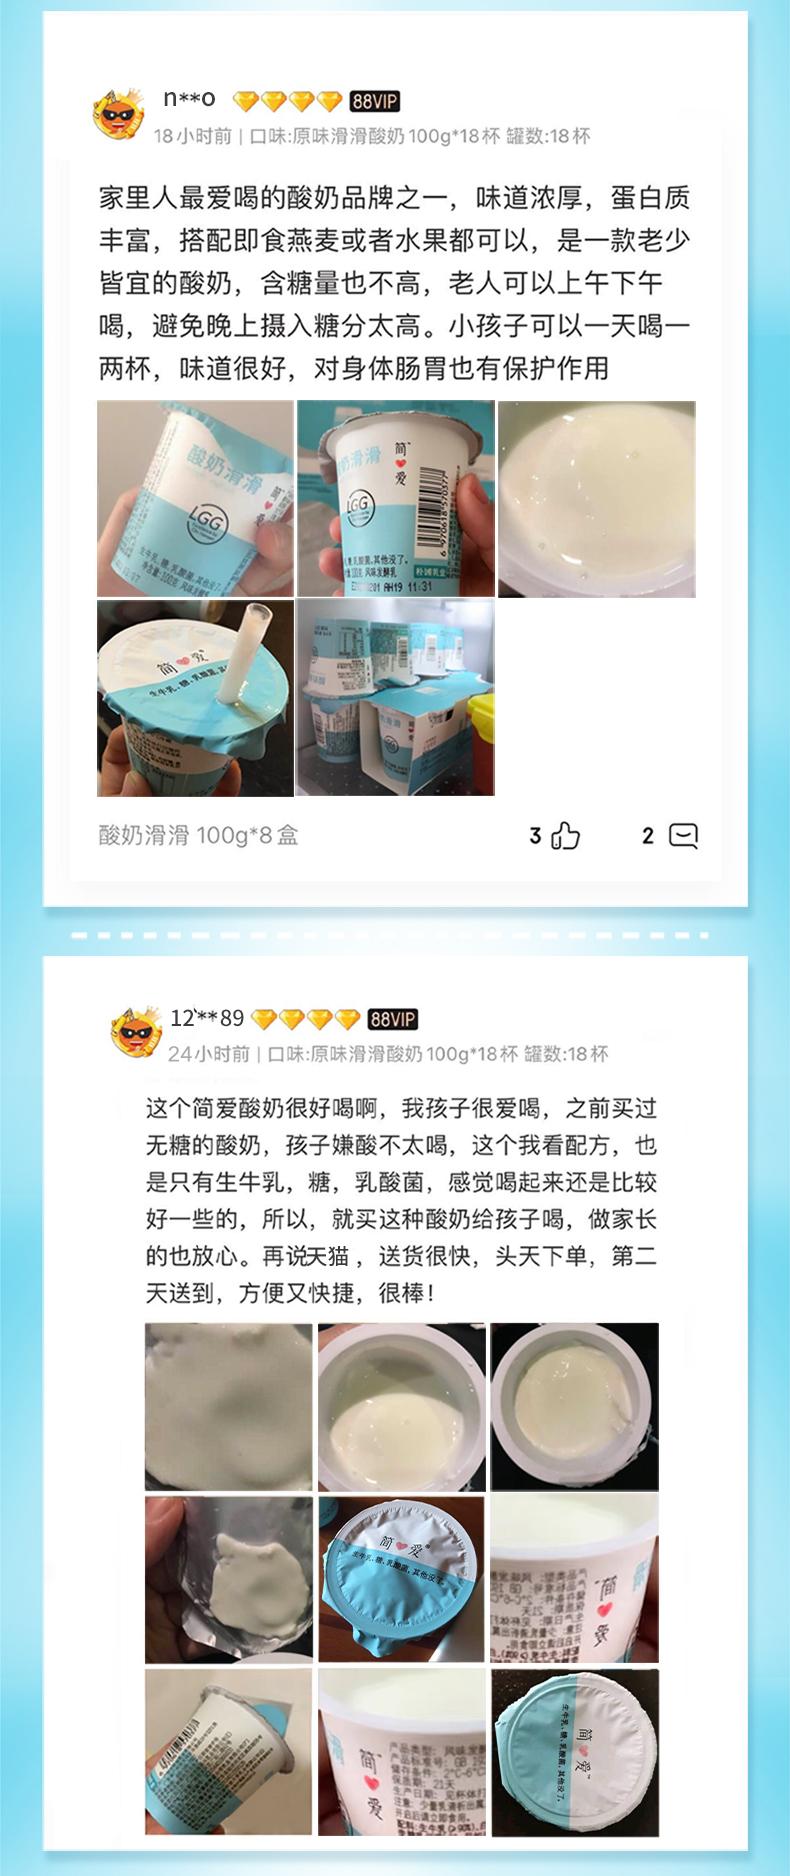 简爱 原味0添加酸奶 100g*18杯 图5